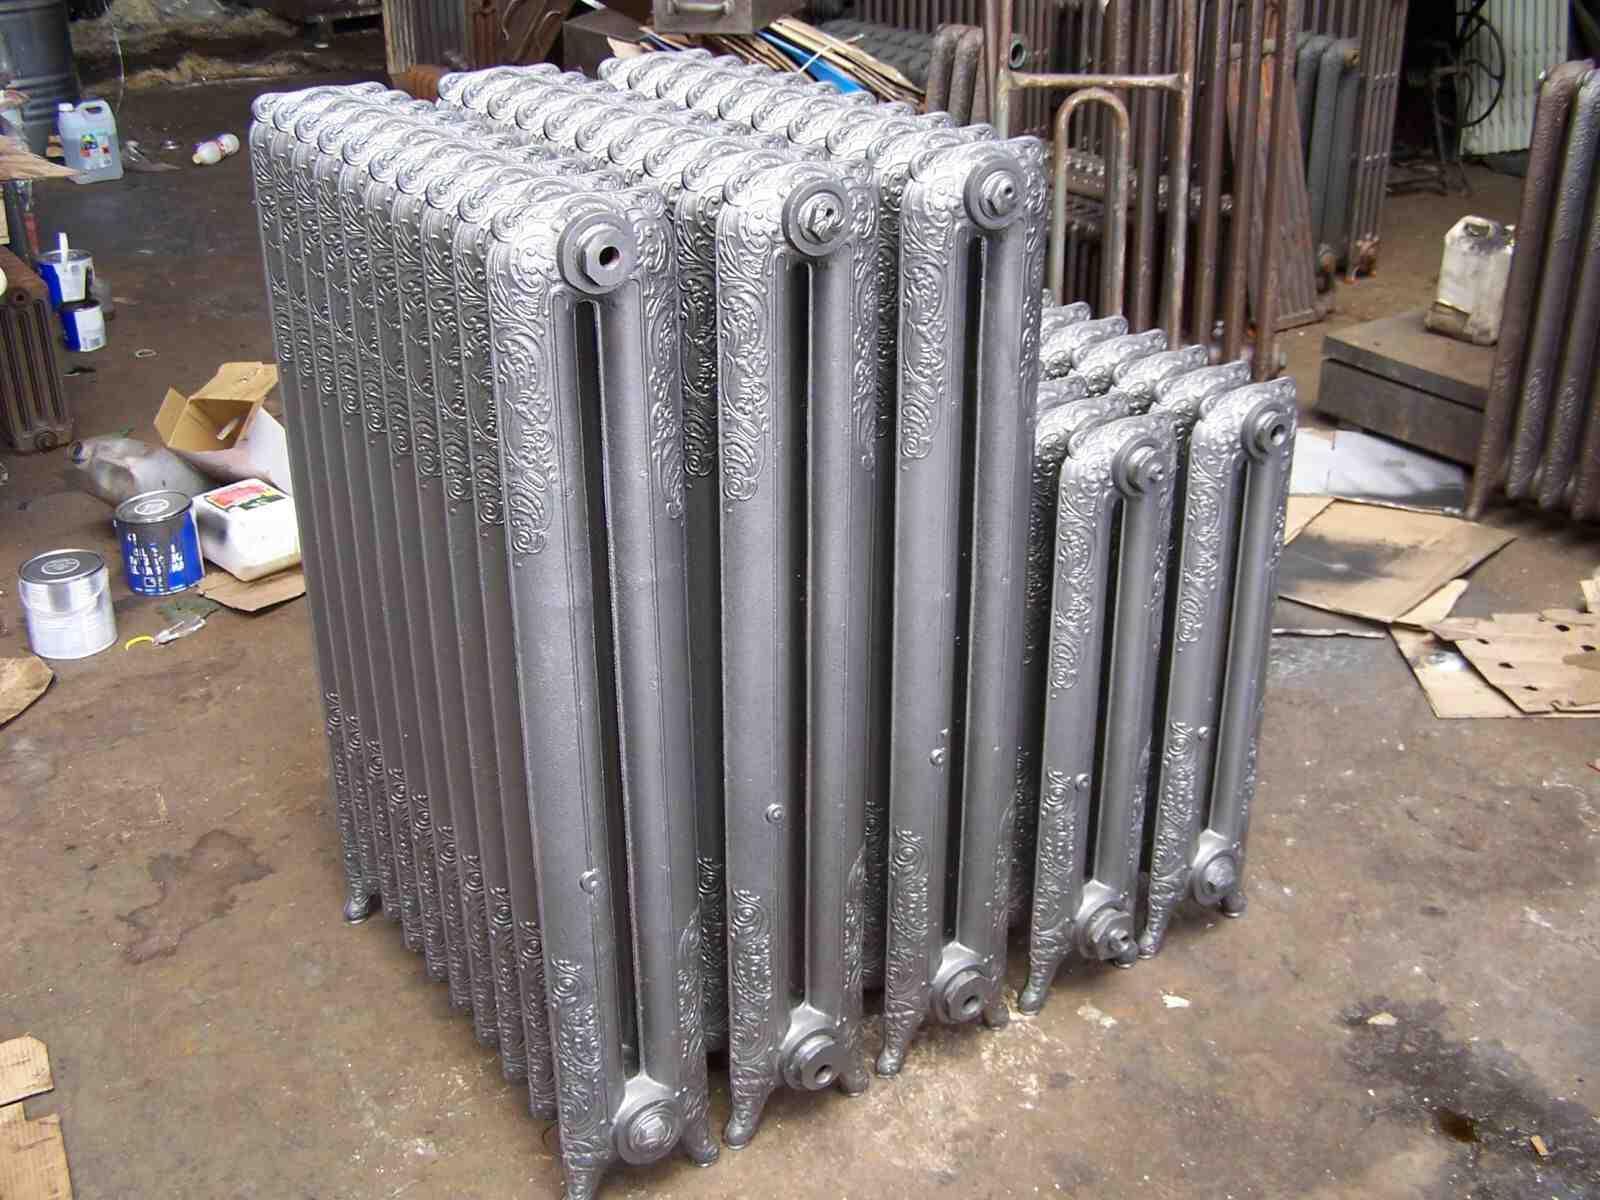 Comment augmenter la pression dans le circuit de chauffage ?